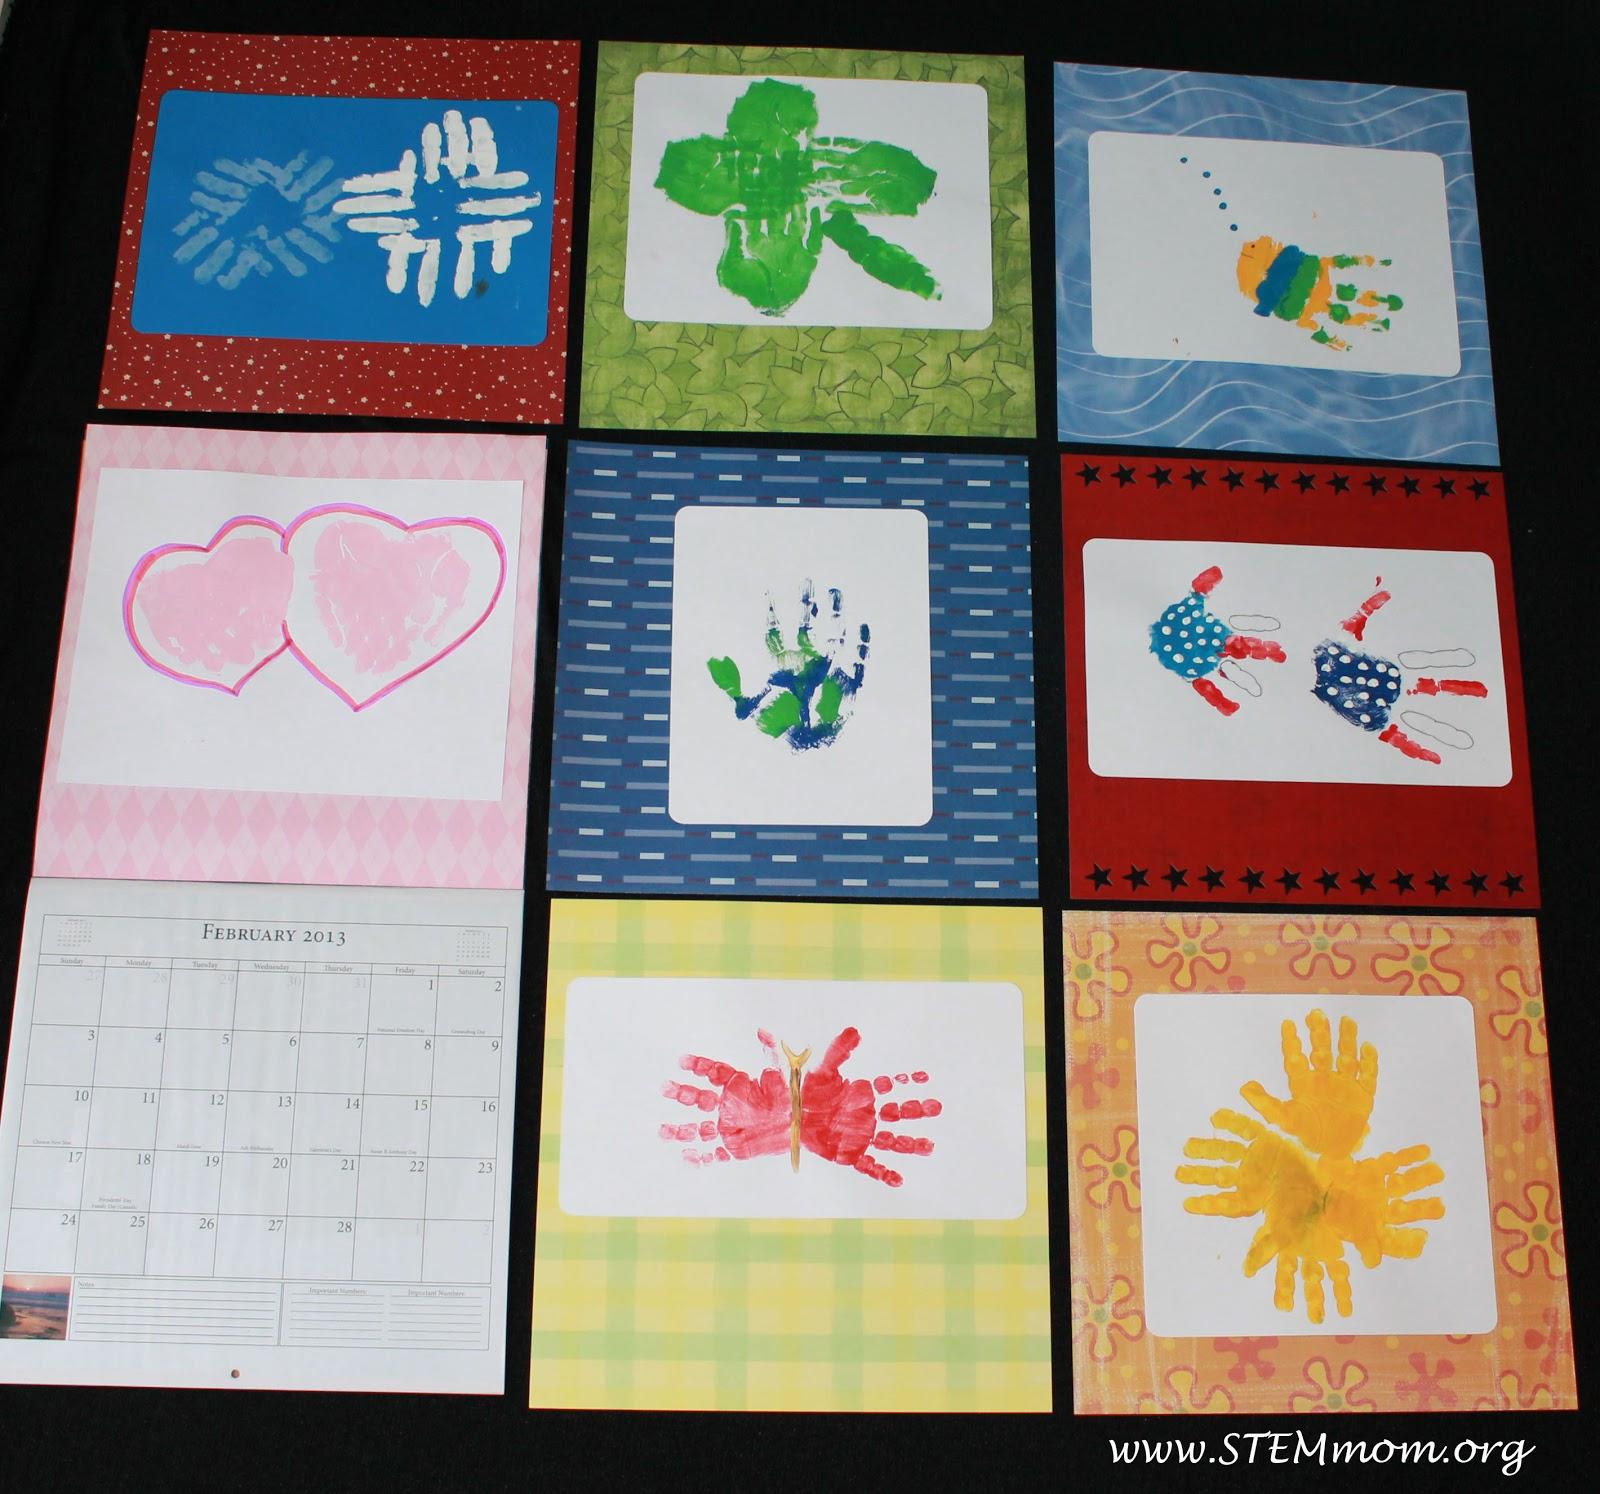 STEM Mom: Easy Handprint Calendar